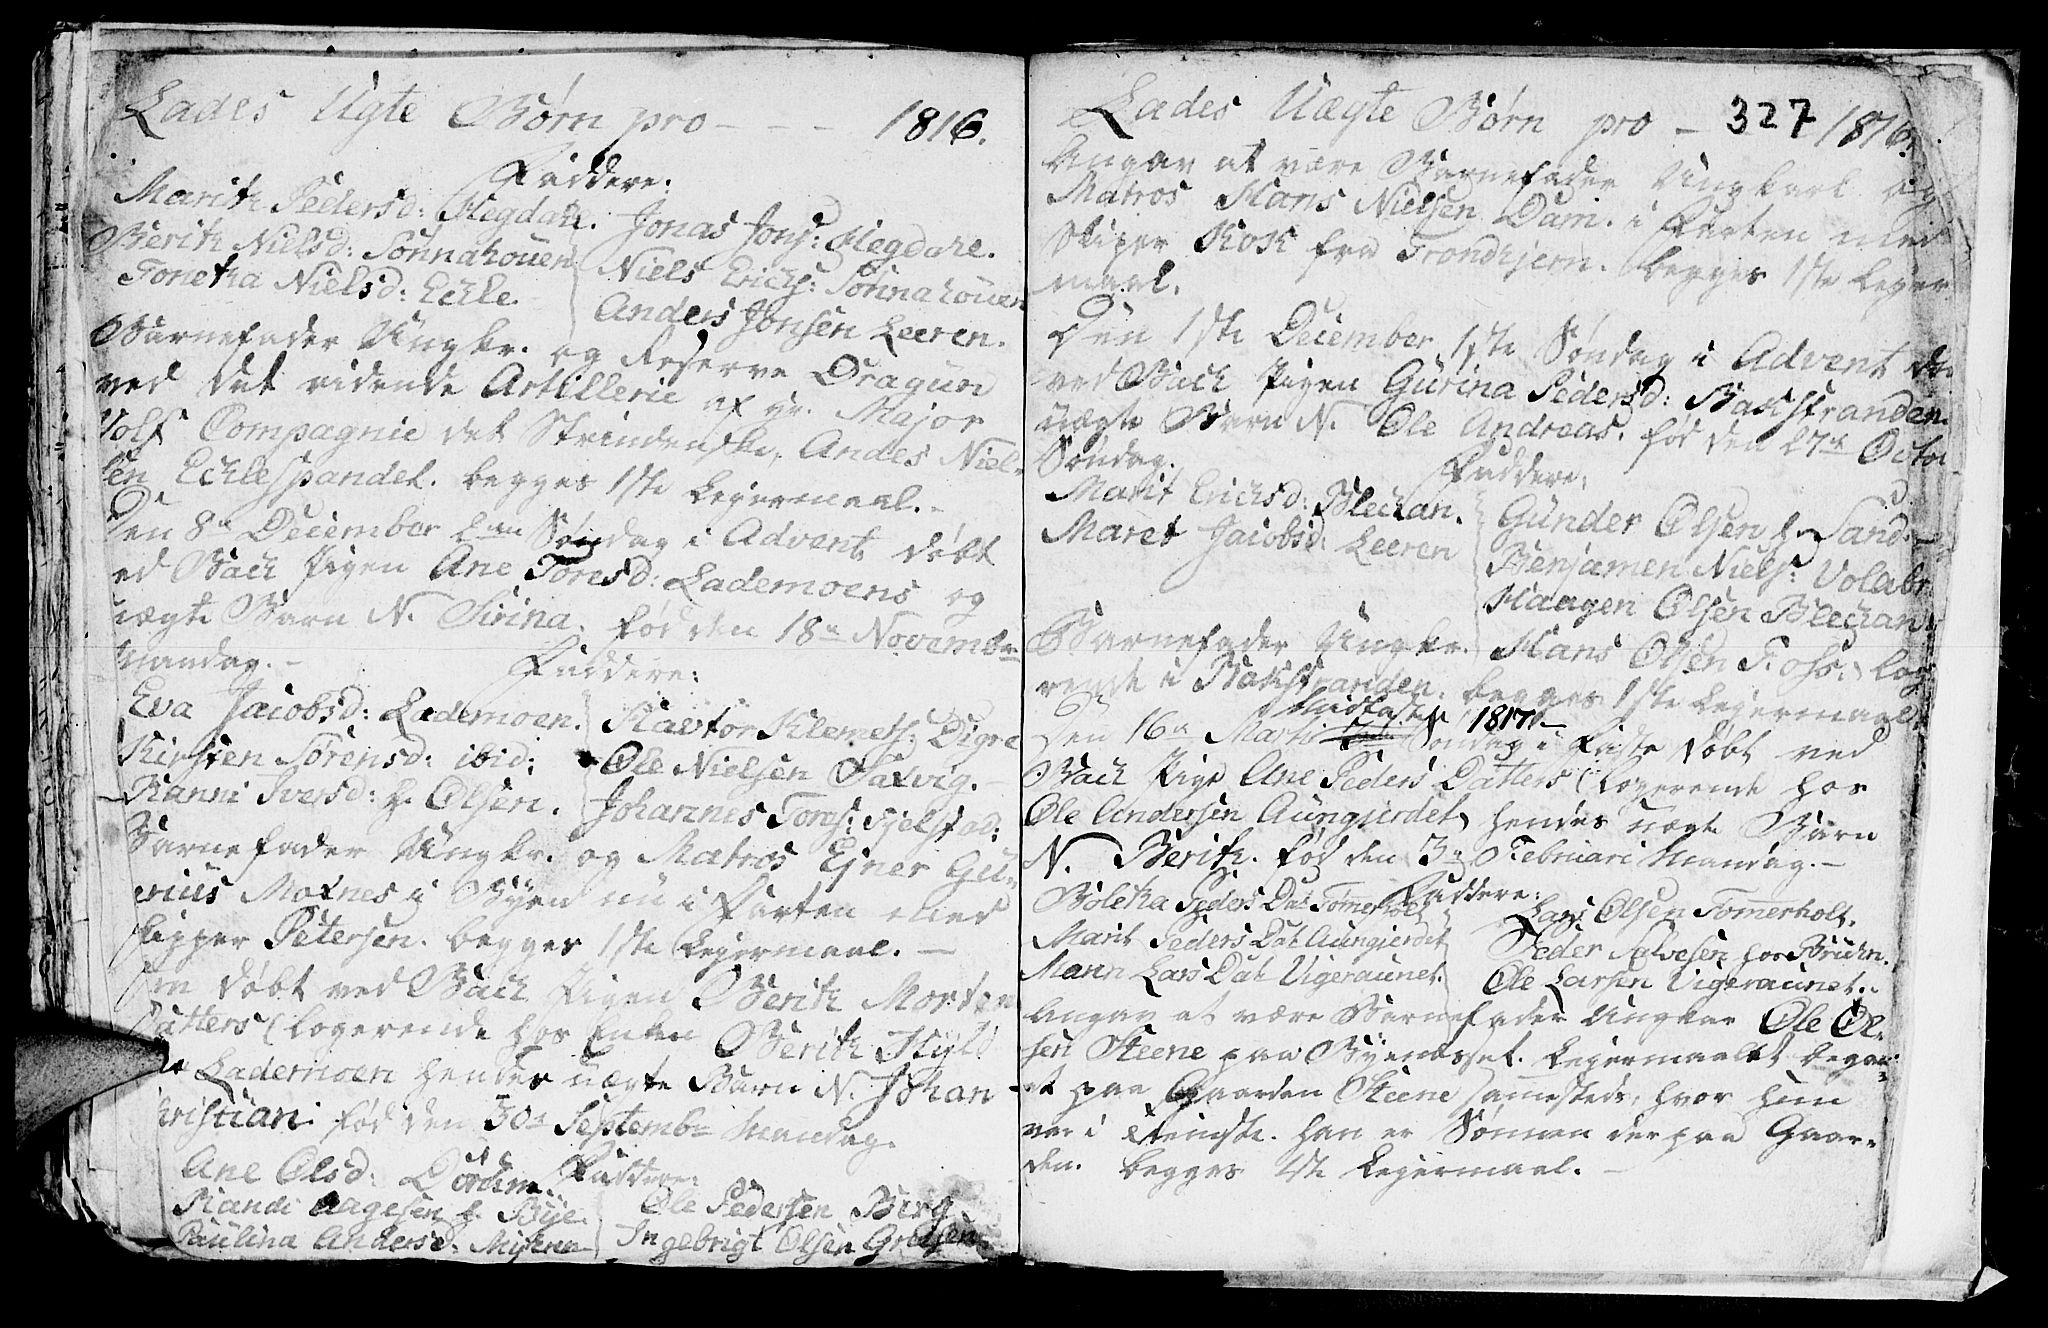 SAT, Ministerialprotokoller, klokkerbøker og fødselsregistre - Sør-Trøndelag, 606/L0305: Klokkerbok nr. 606C01, 1757-1819, s. 327